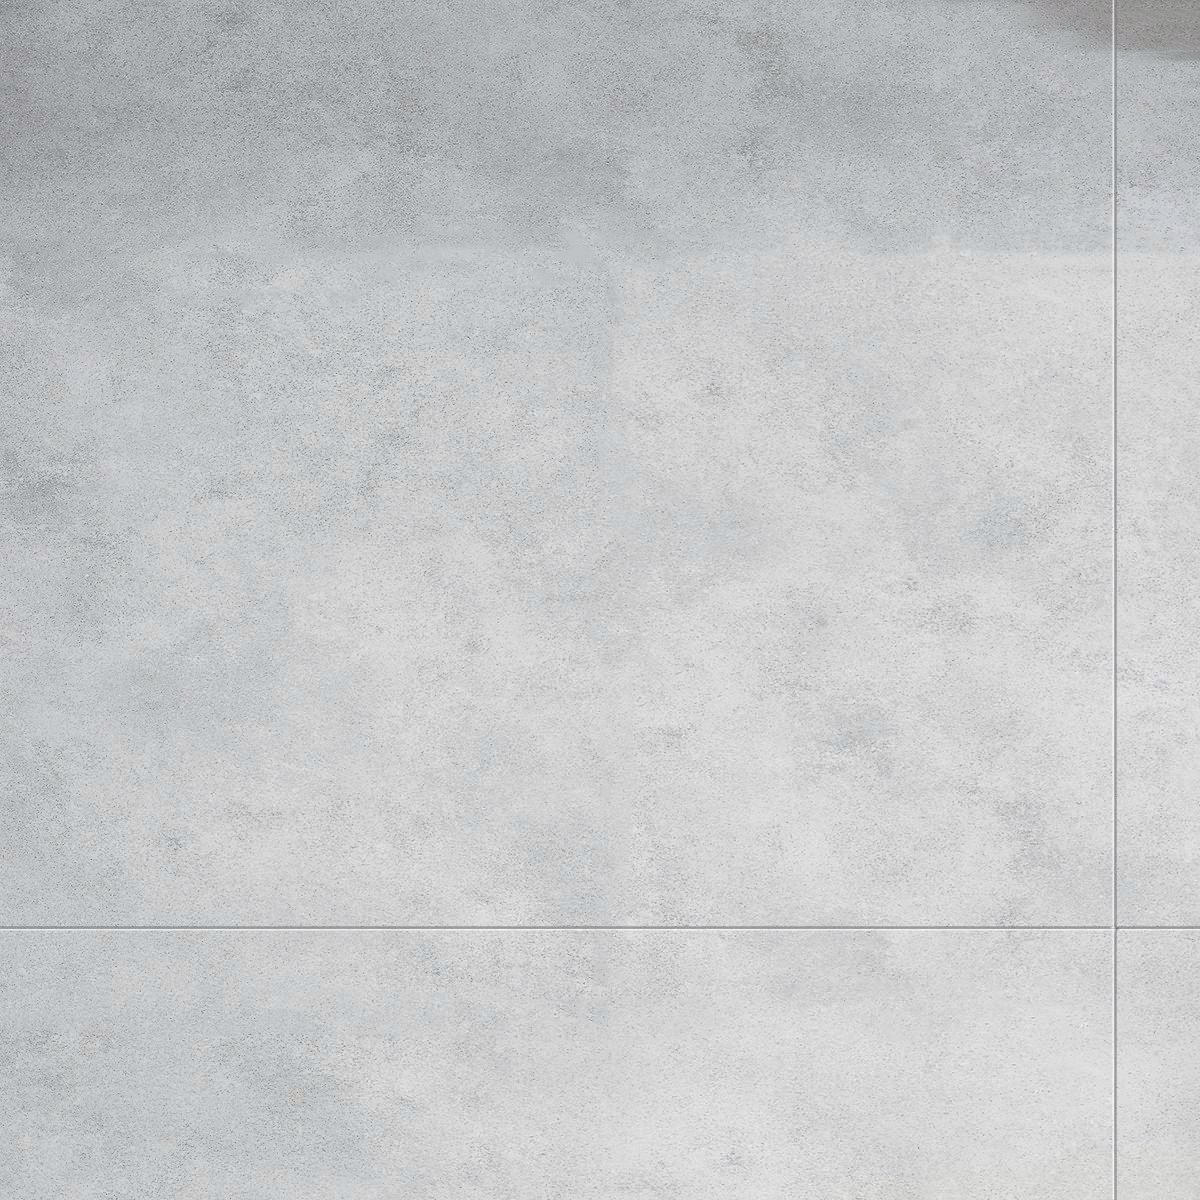 Arte Home Dalle Murale Pvc Imitation Carrelage Gris Clair Light Cement 37 5x65 Cm Point P